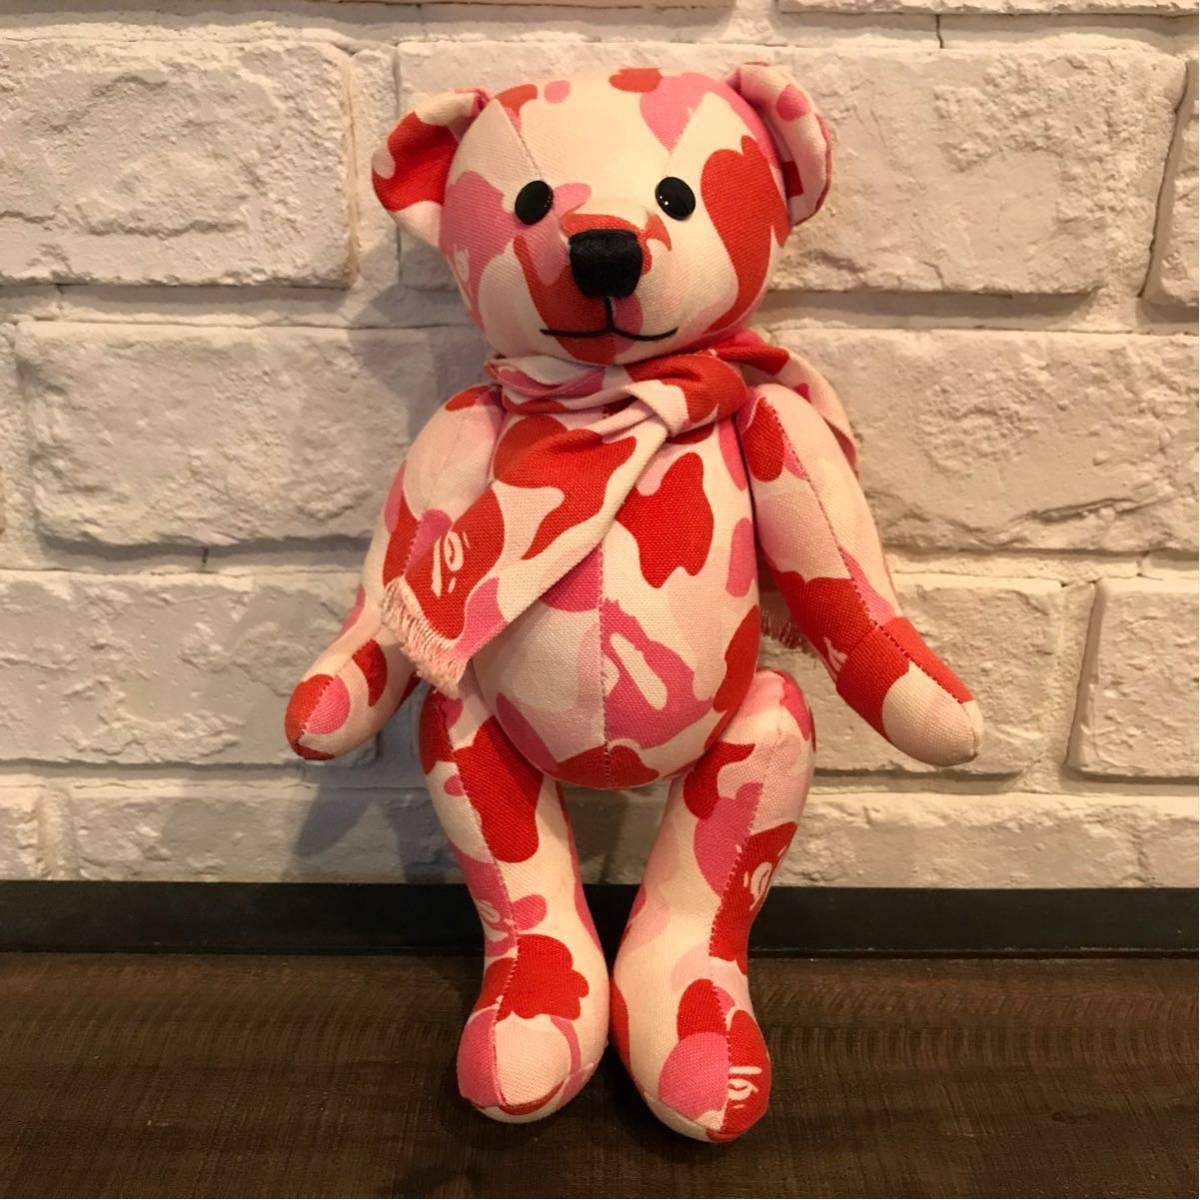 ABC camo pink Teddy bear a bathing ape BAPE ABCカモ エイプ ベイプ アベイシングエイプ nigo テディベア ぬいぐるみ 迷彩 ピンク 254